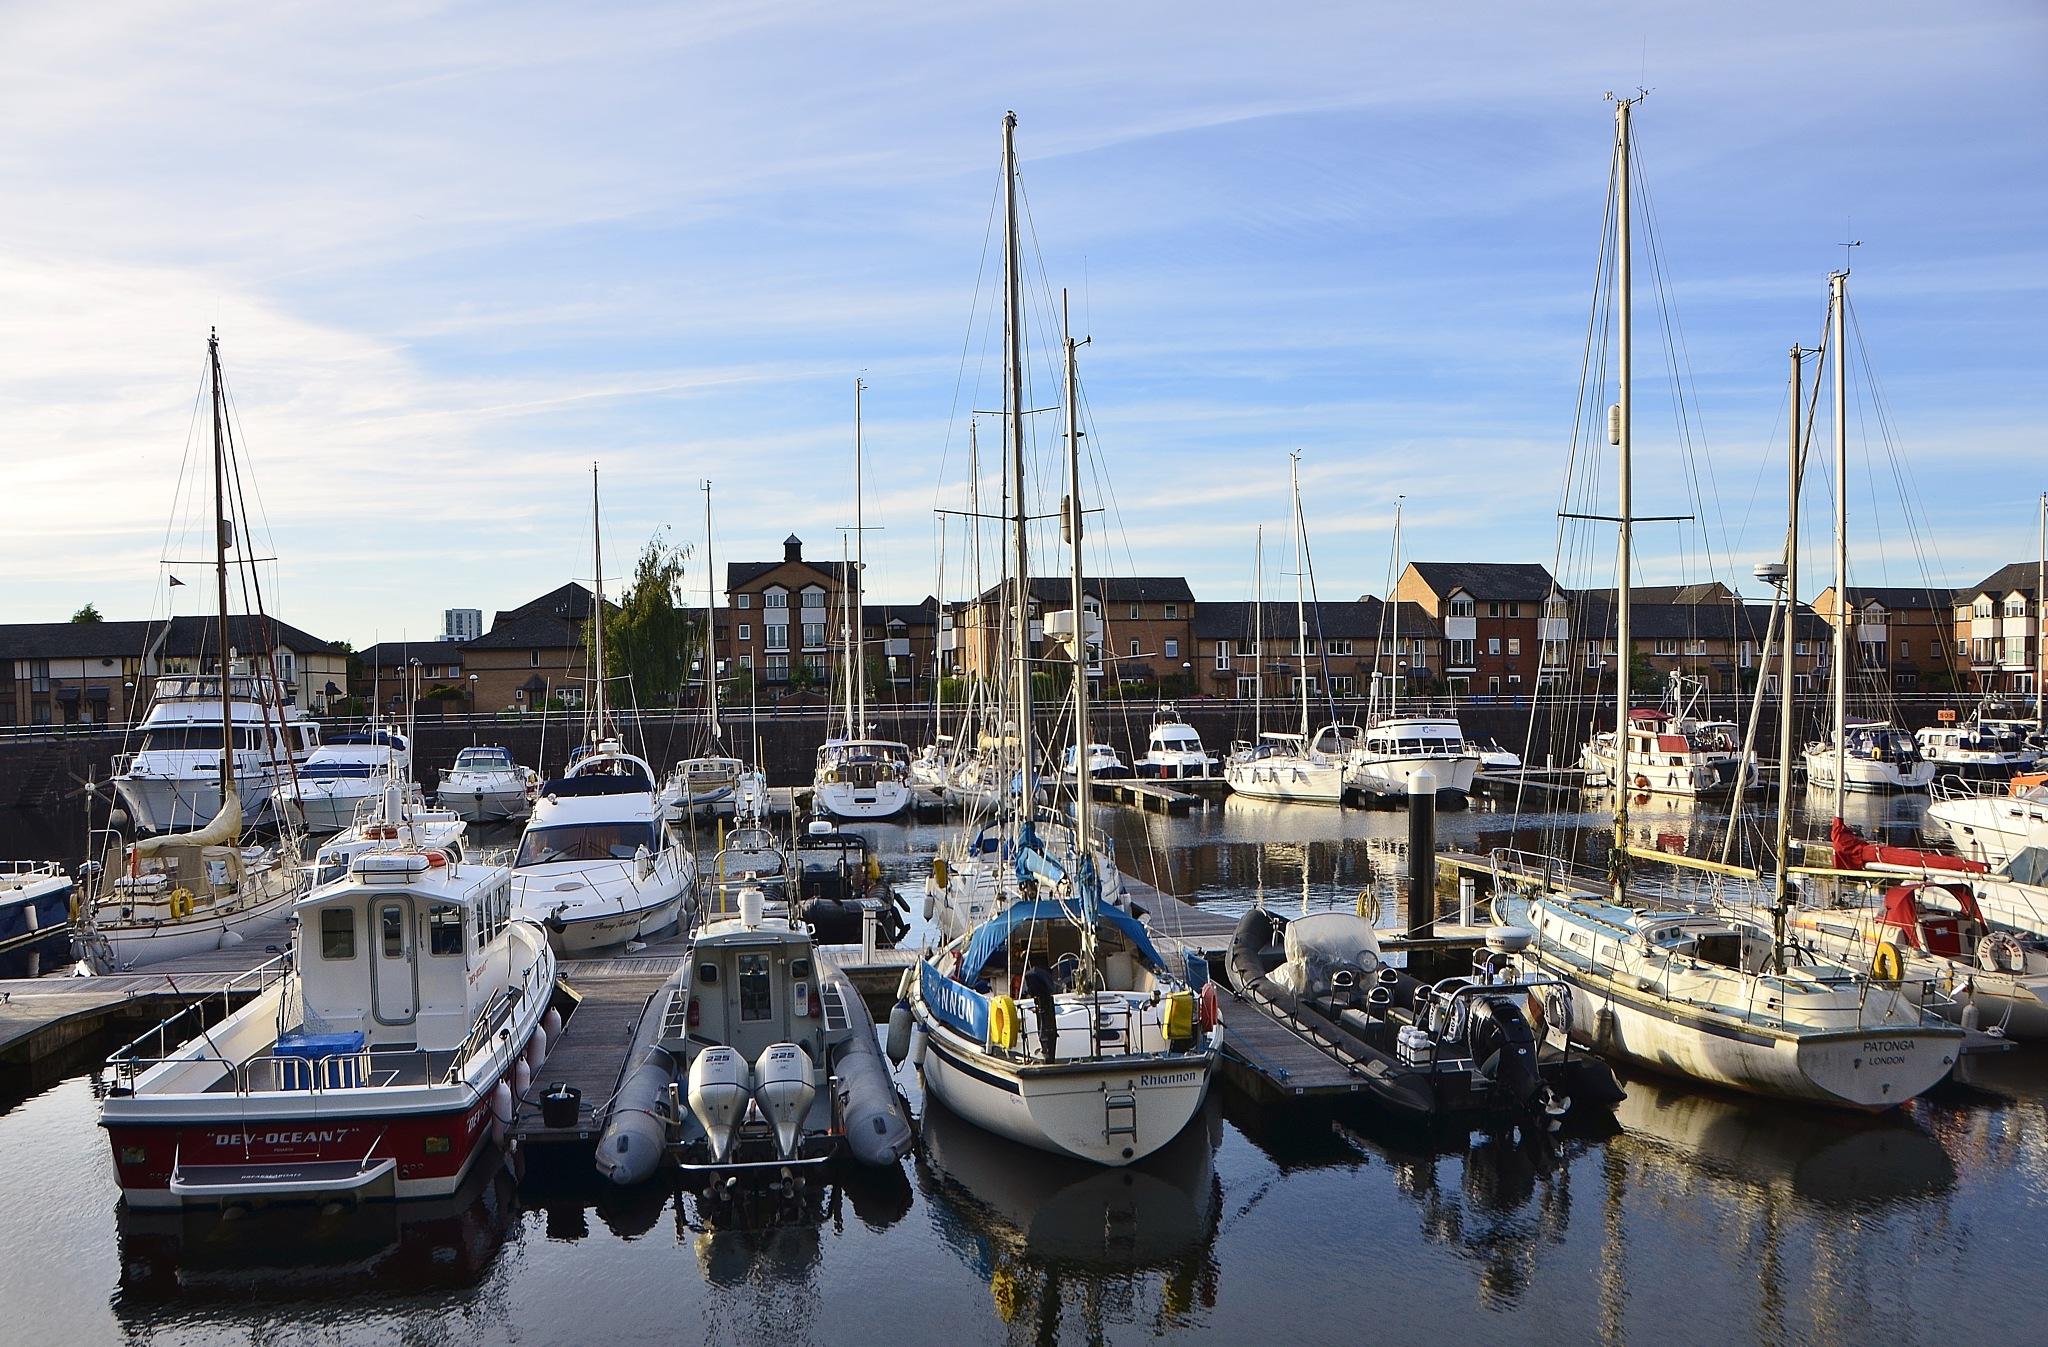 Cardiff Bay Barrage by melaniehartshorn40